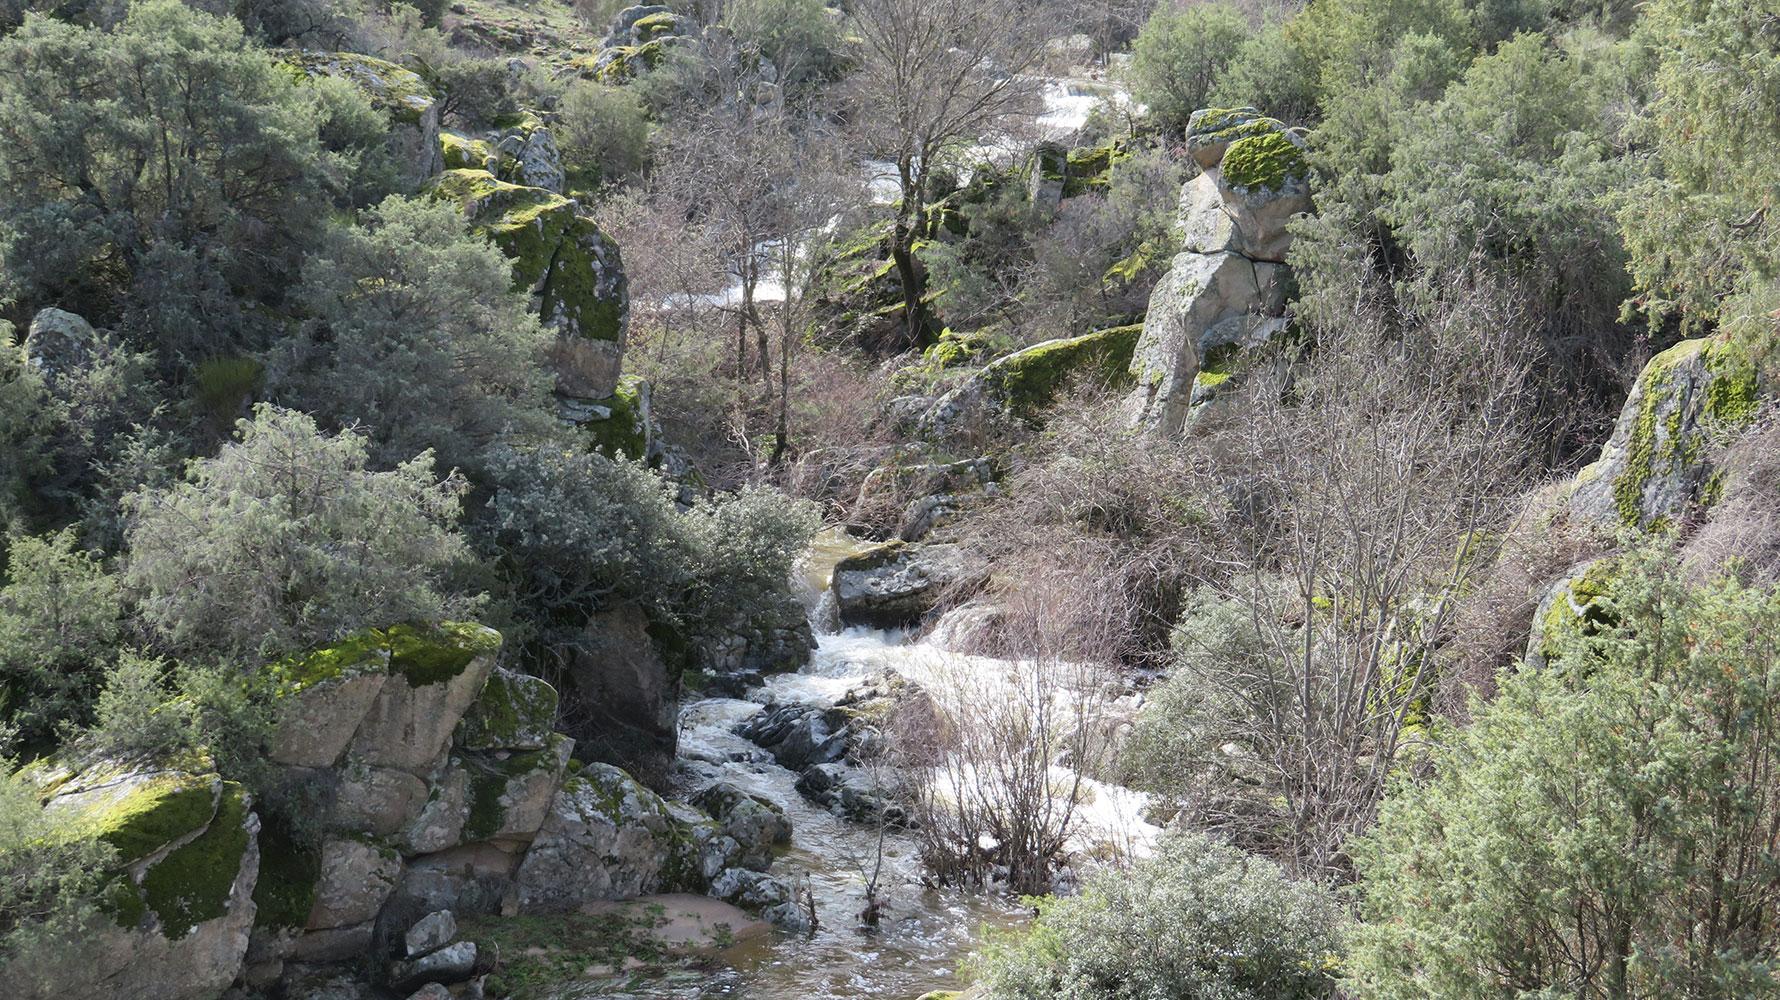 Arroyo grande y antiguo puente en los batanes  - Ayuntamiento de Paredes de Escalona